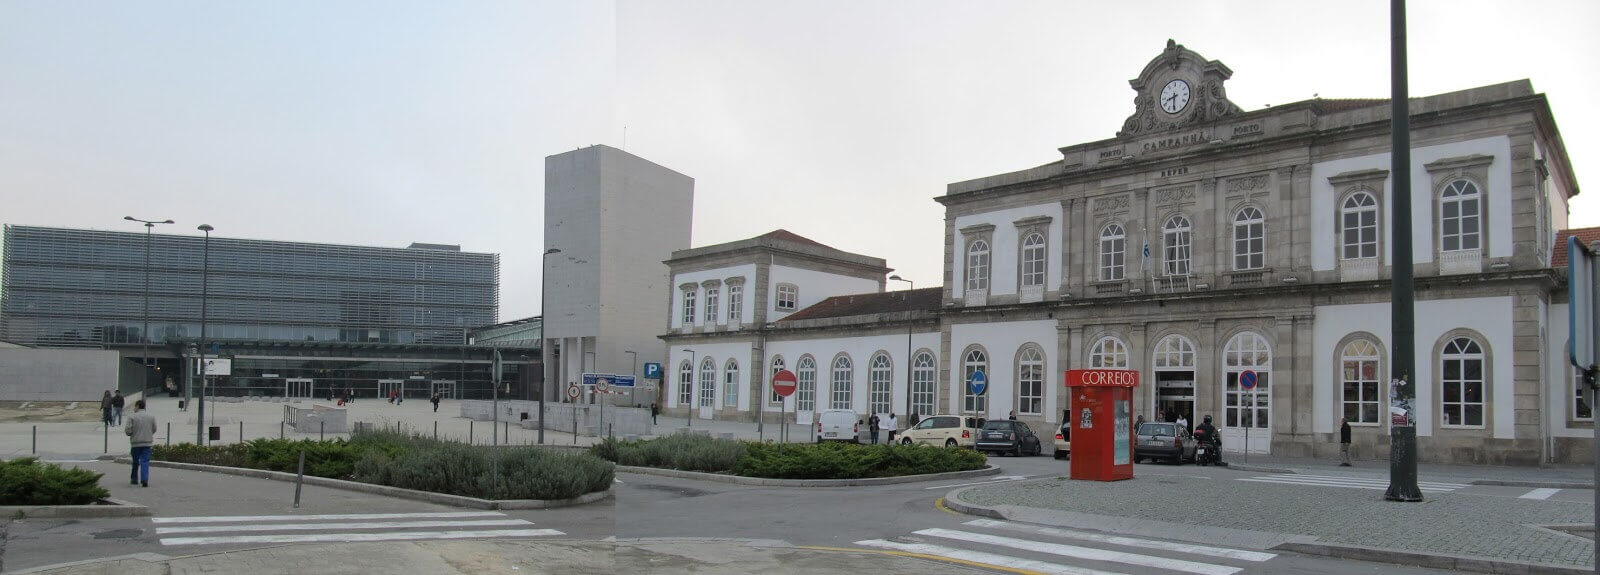 <span class='local'>Campanhã</span>